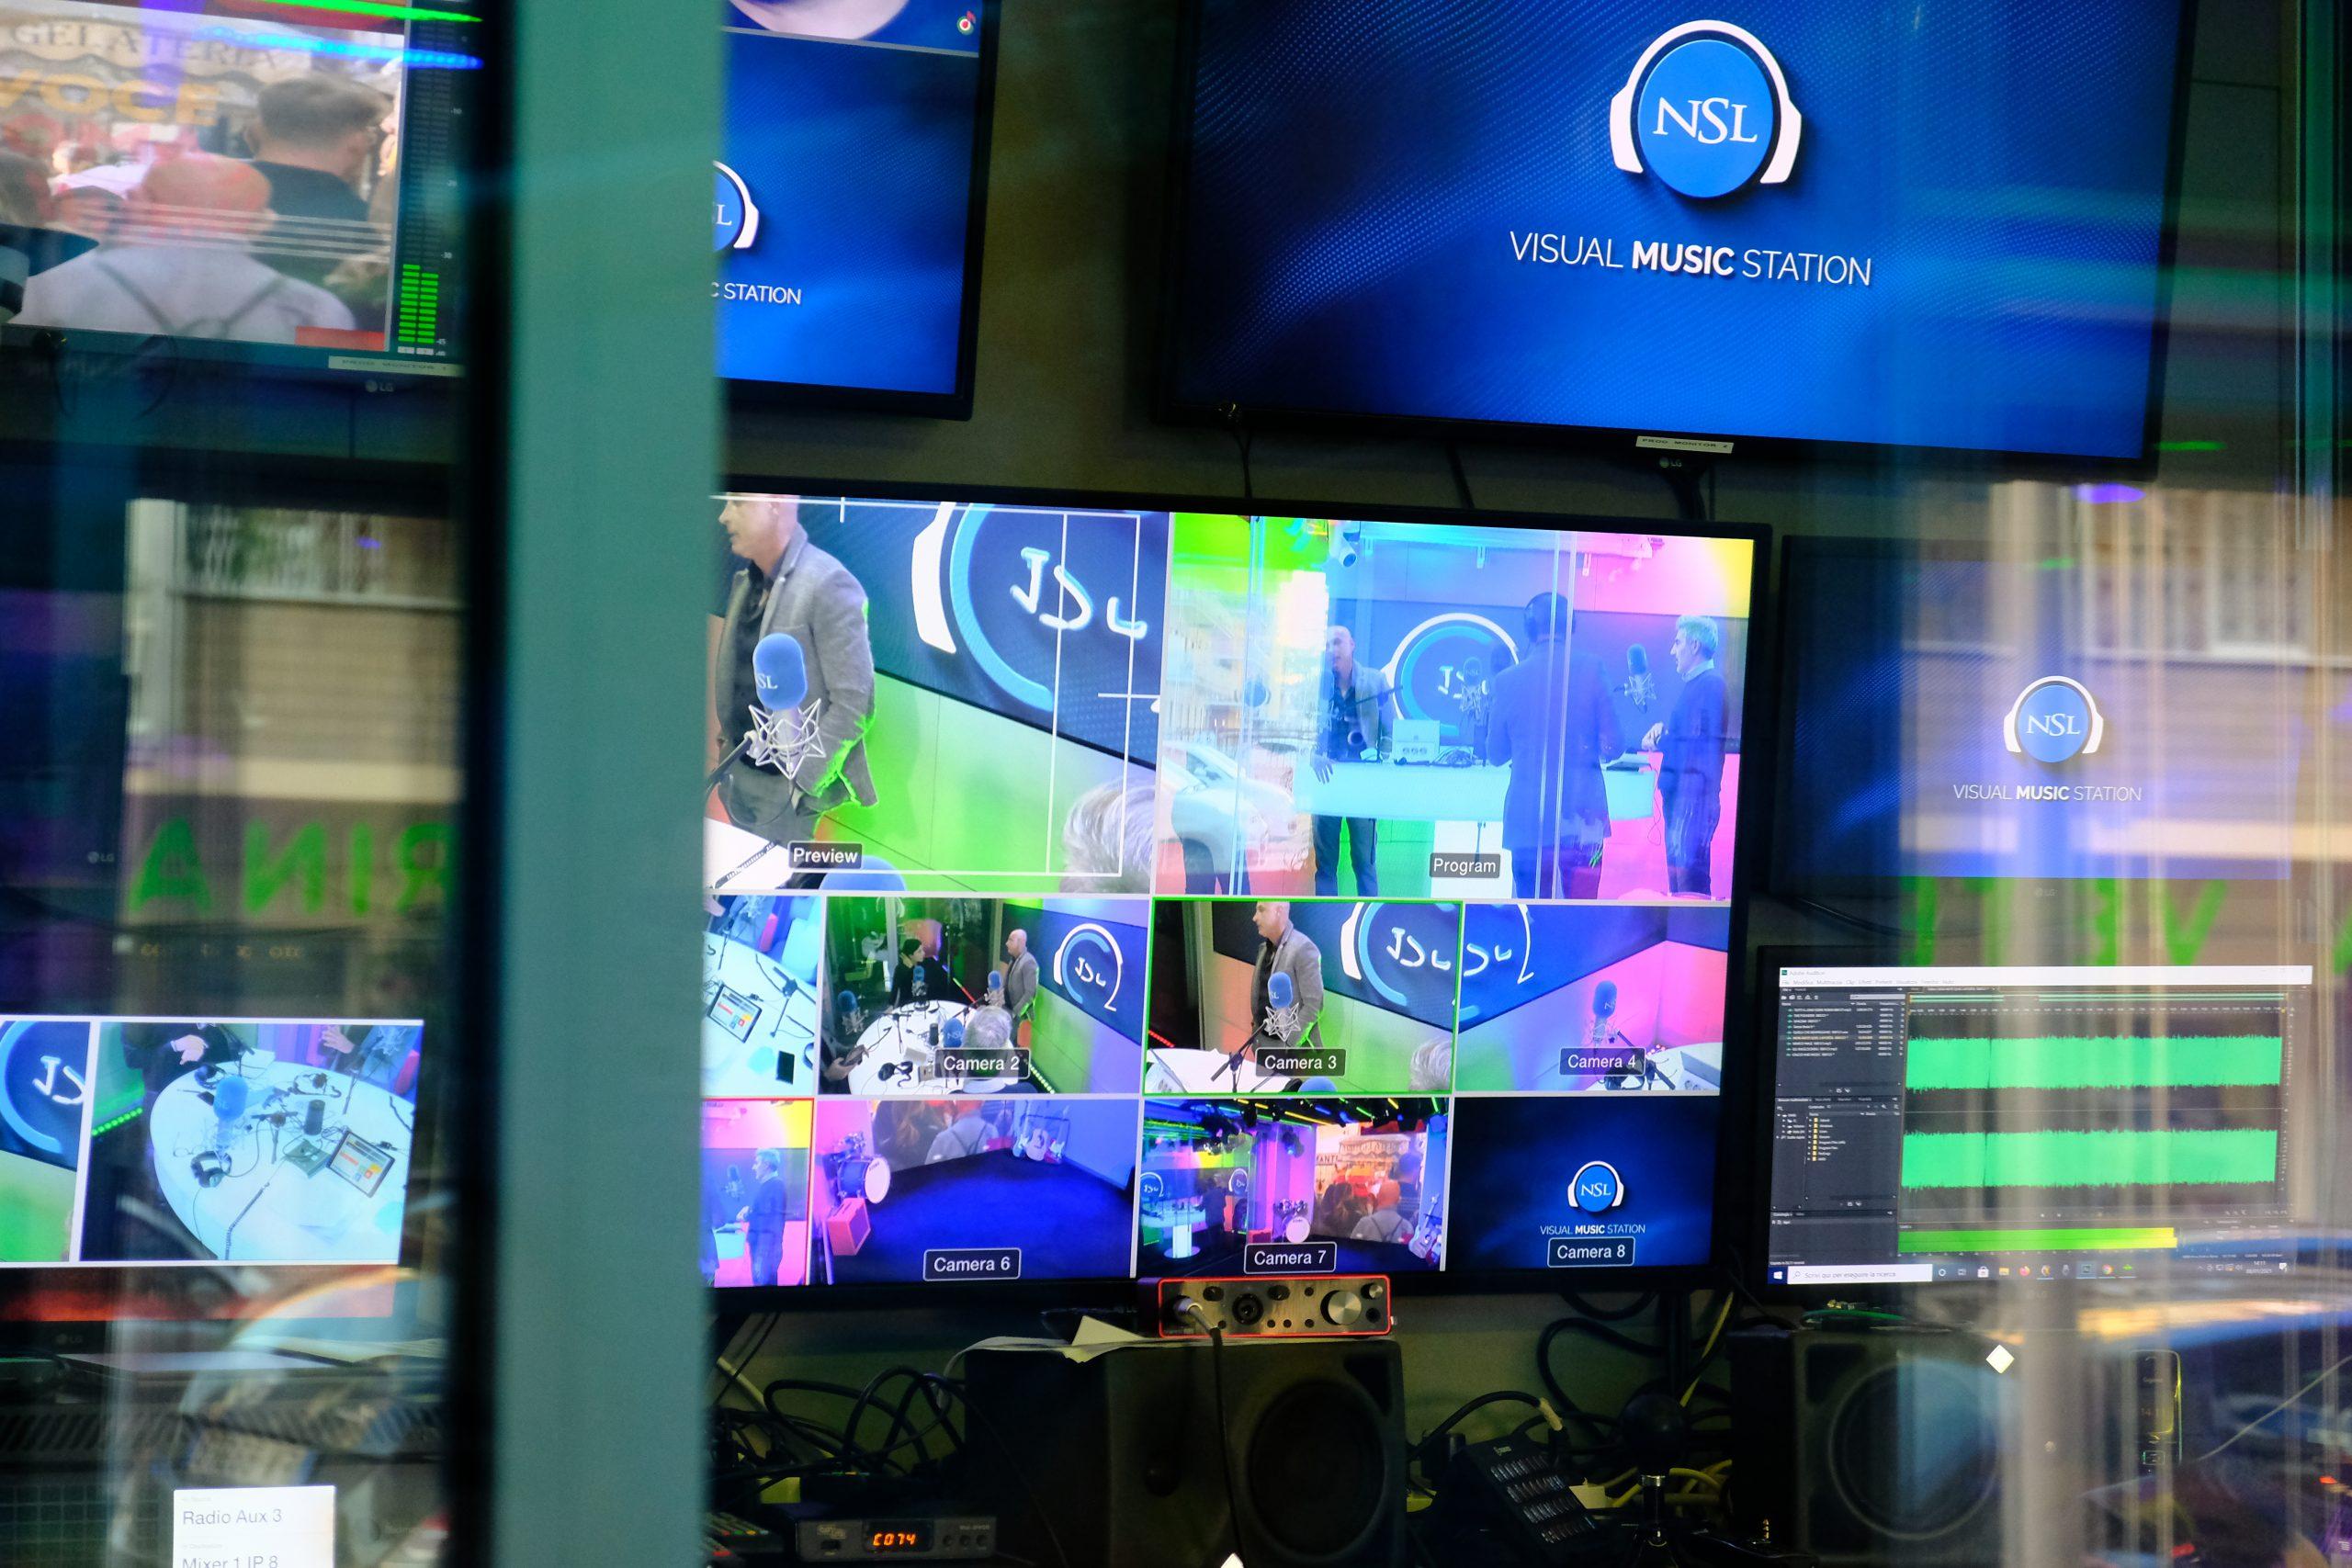 Intervista su NSL Radio TV per parlare di Content Marketing